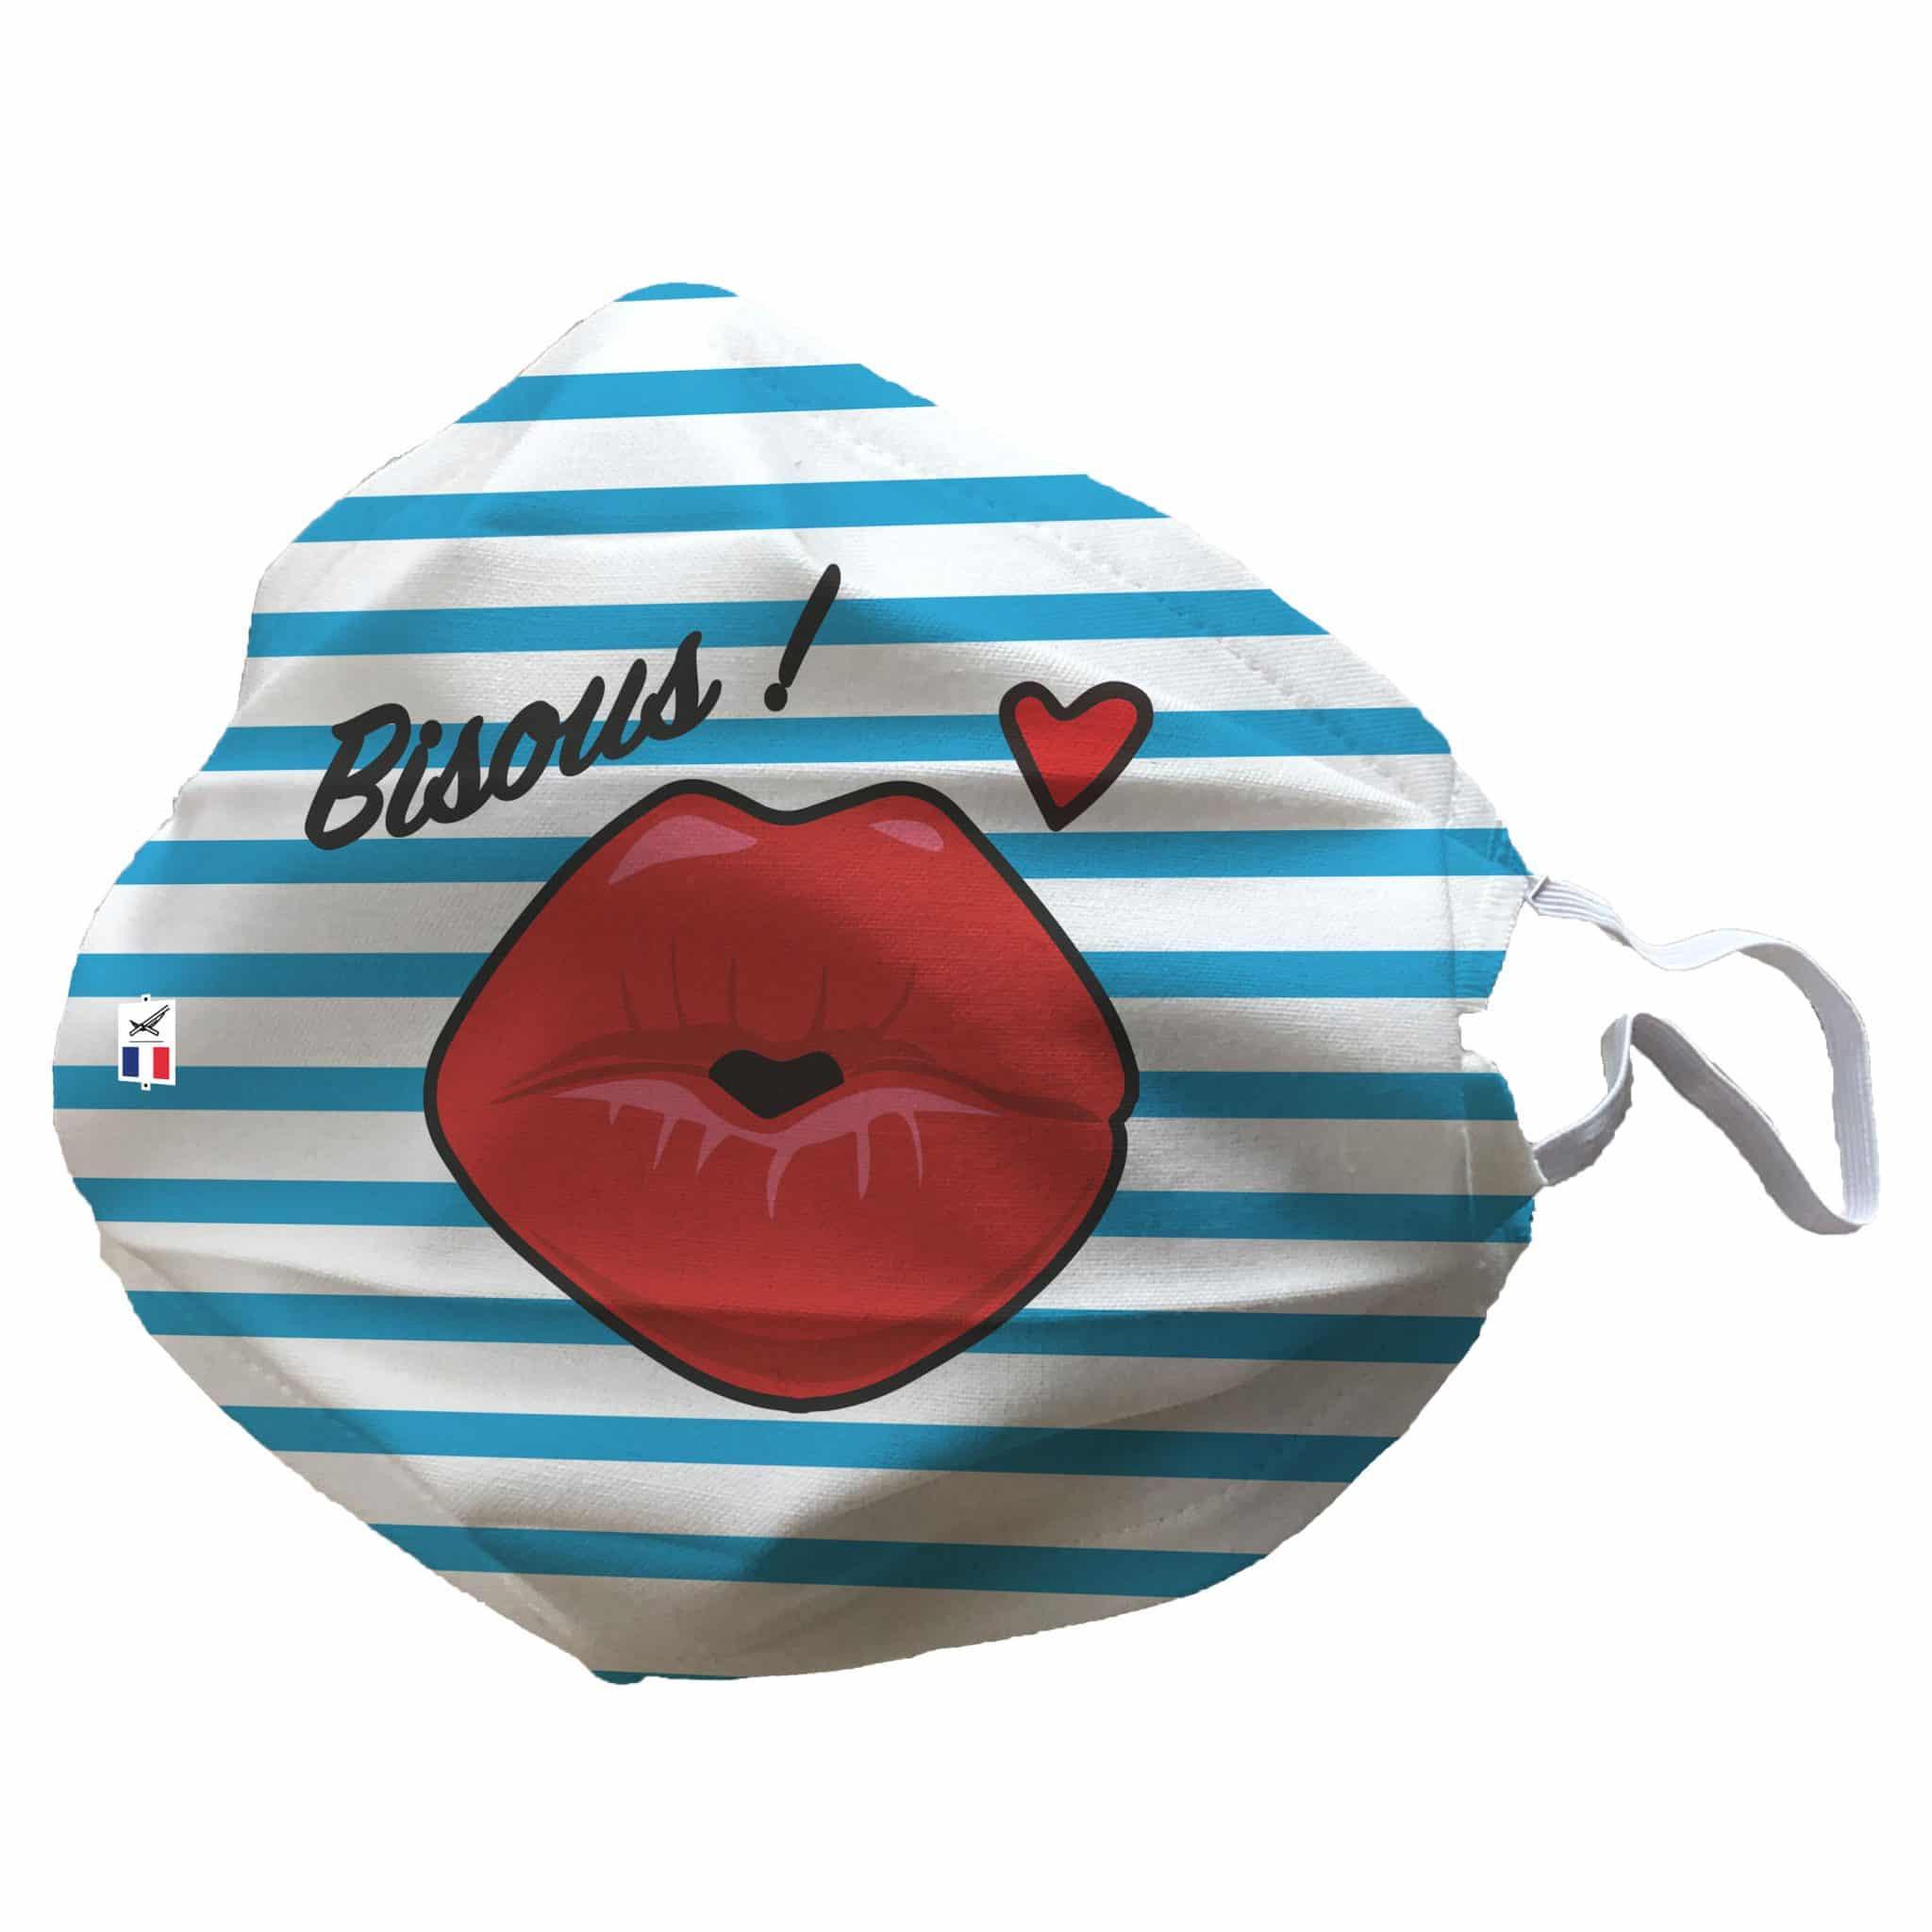 Masque Tissu Bisous Covid-19 Original Décoré Avec Motif D serapportantà Bisous Sur Le Nez